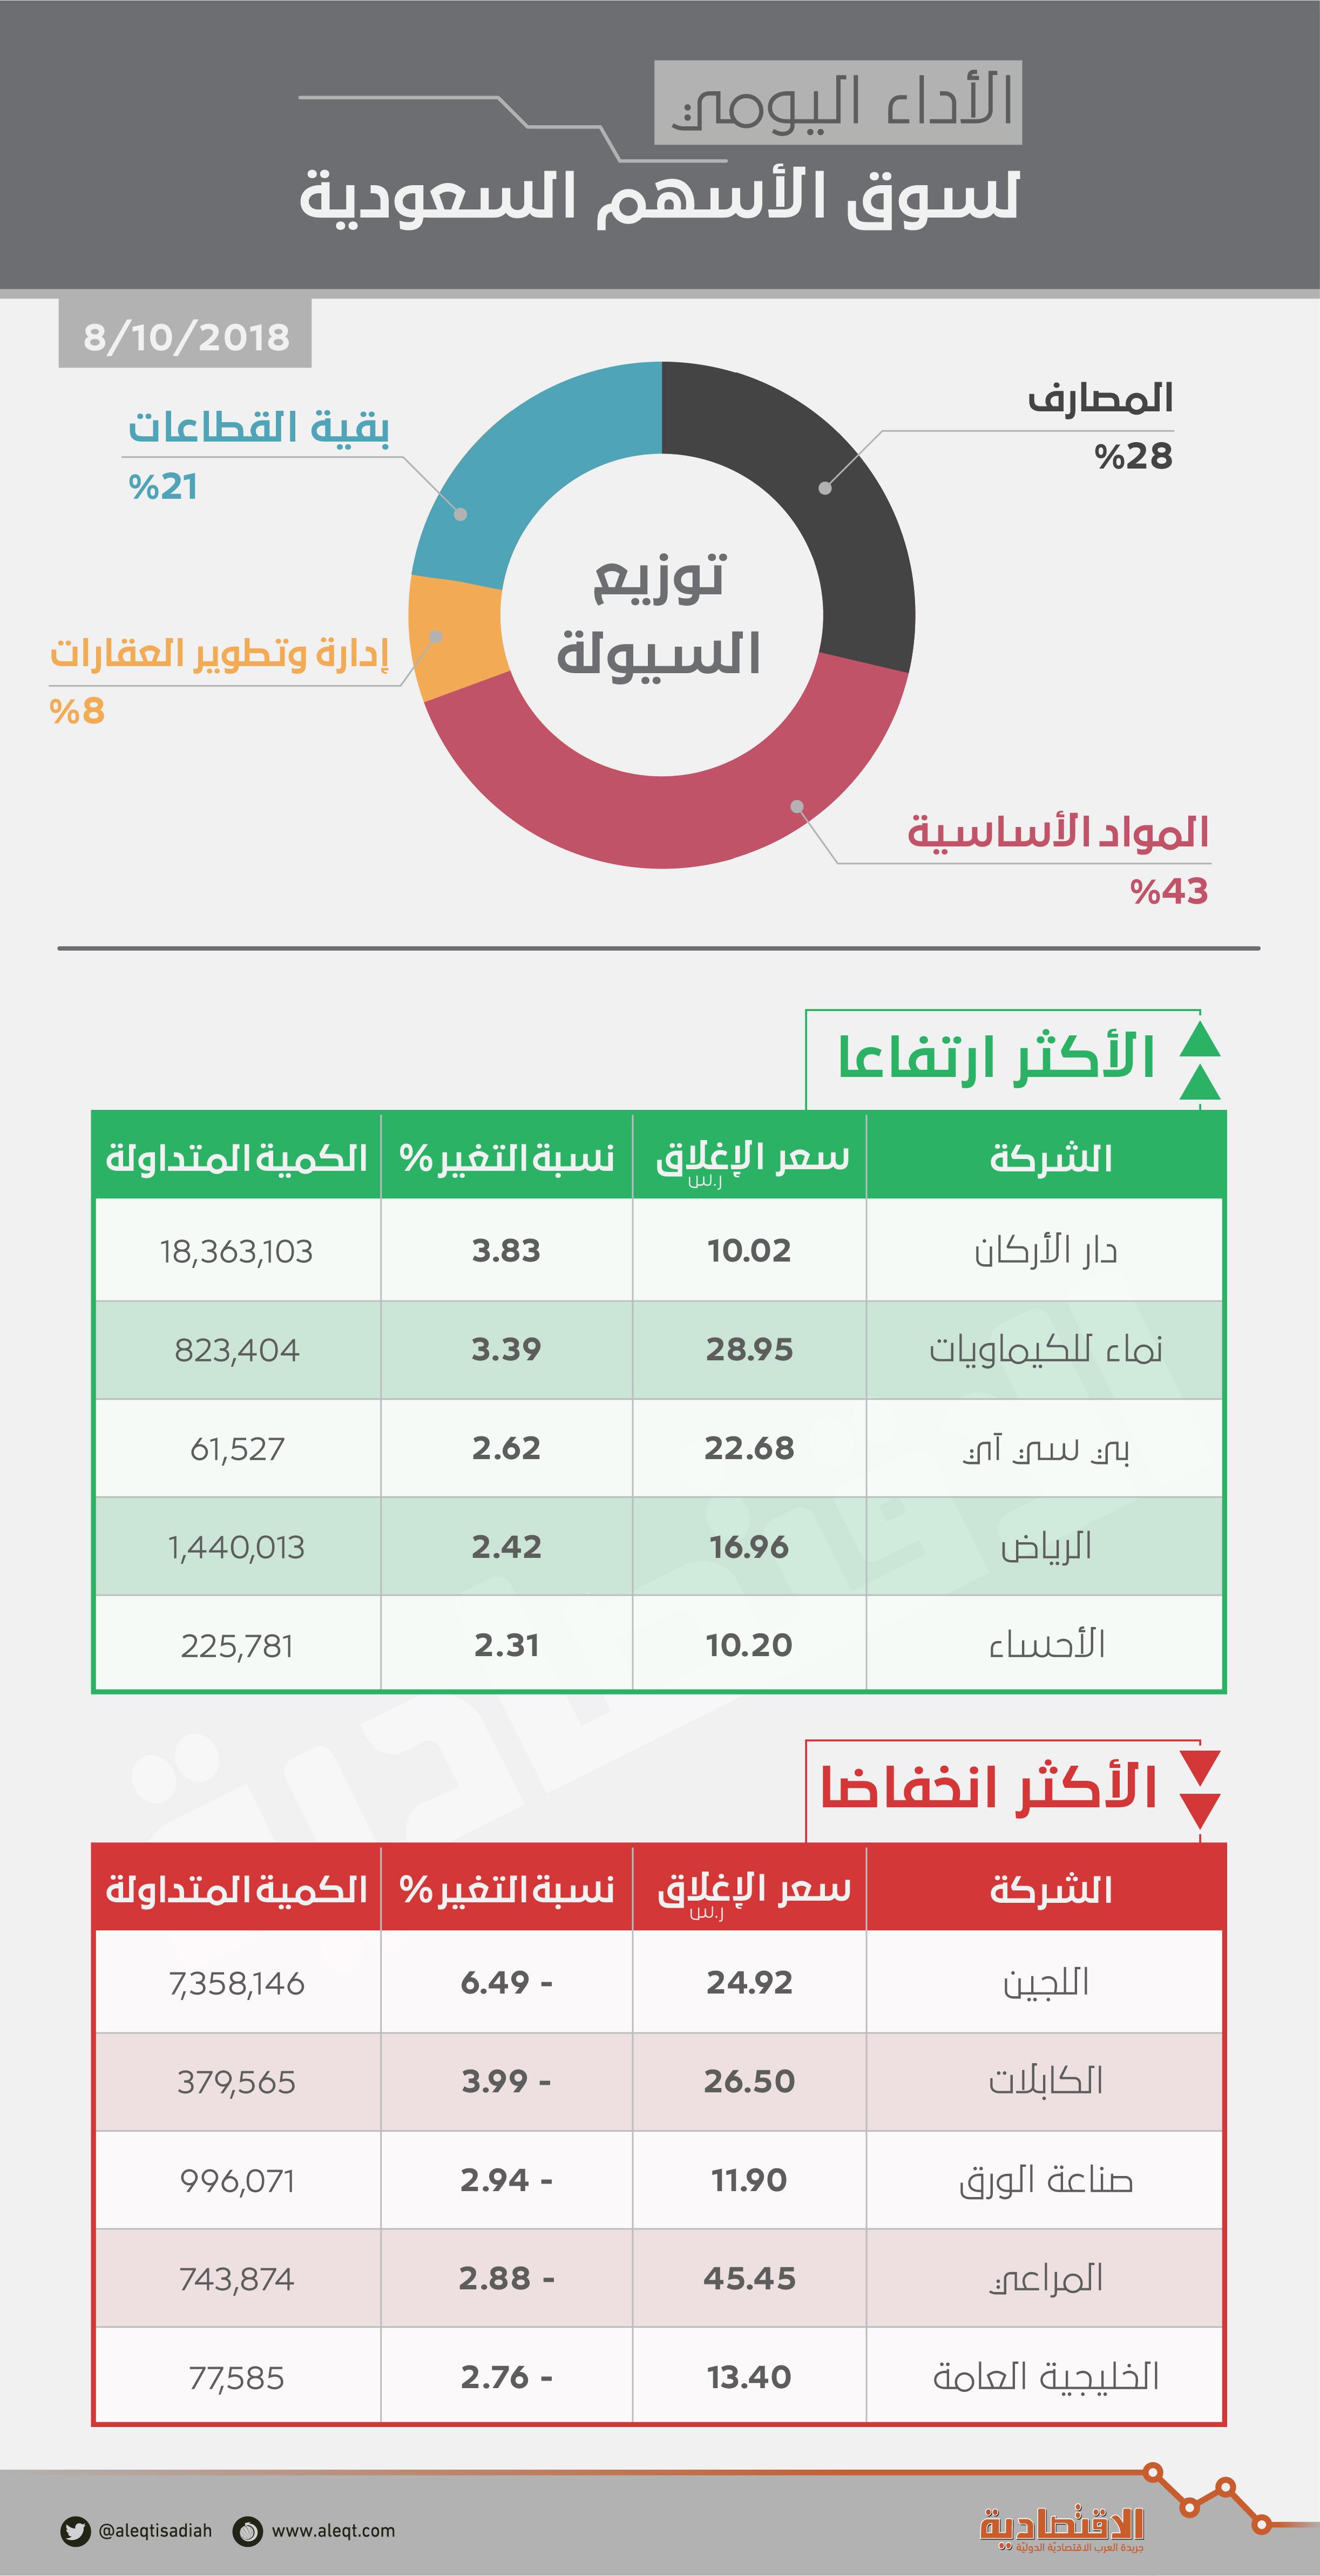 الأسهم السعودية تتجاهل تقلبات أسعار النفط وتضيف 45 نقطة بدعم  المصارف    صحيفة الاقتصادية